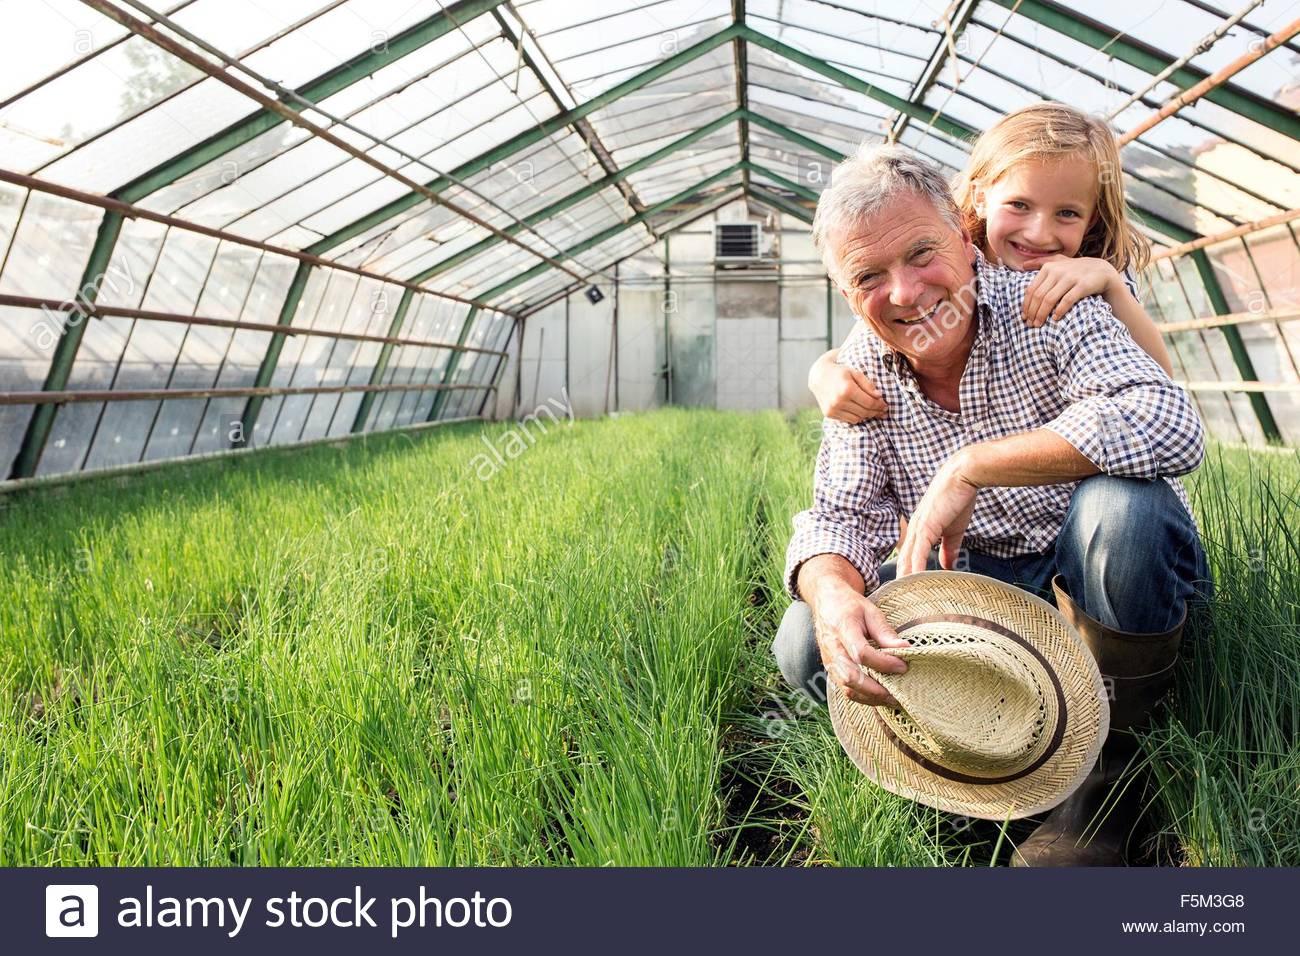 Enkelin mit den Händen auf den Schultern der Großvater im Treibhaus voller Schnittlauch, Blick auf die Stockbild